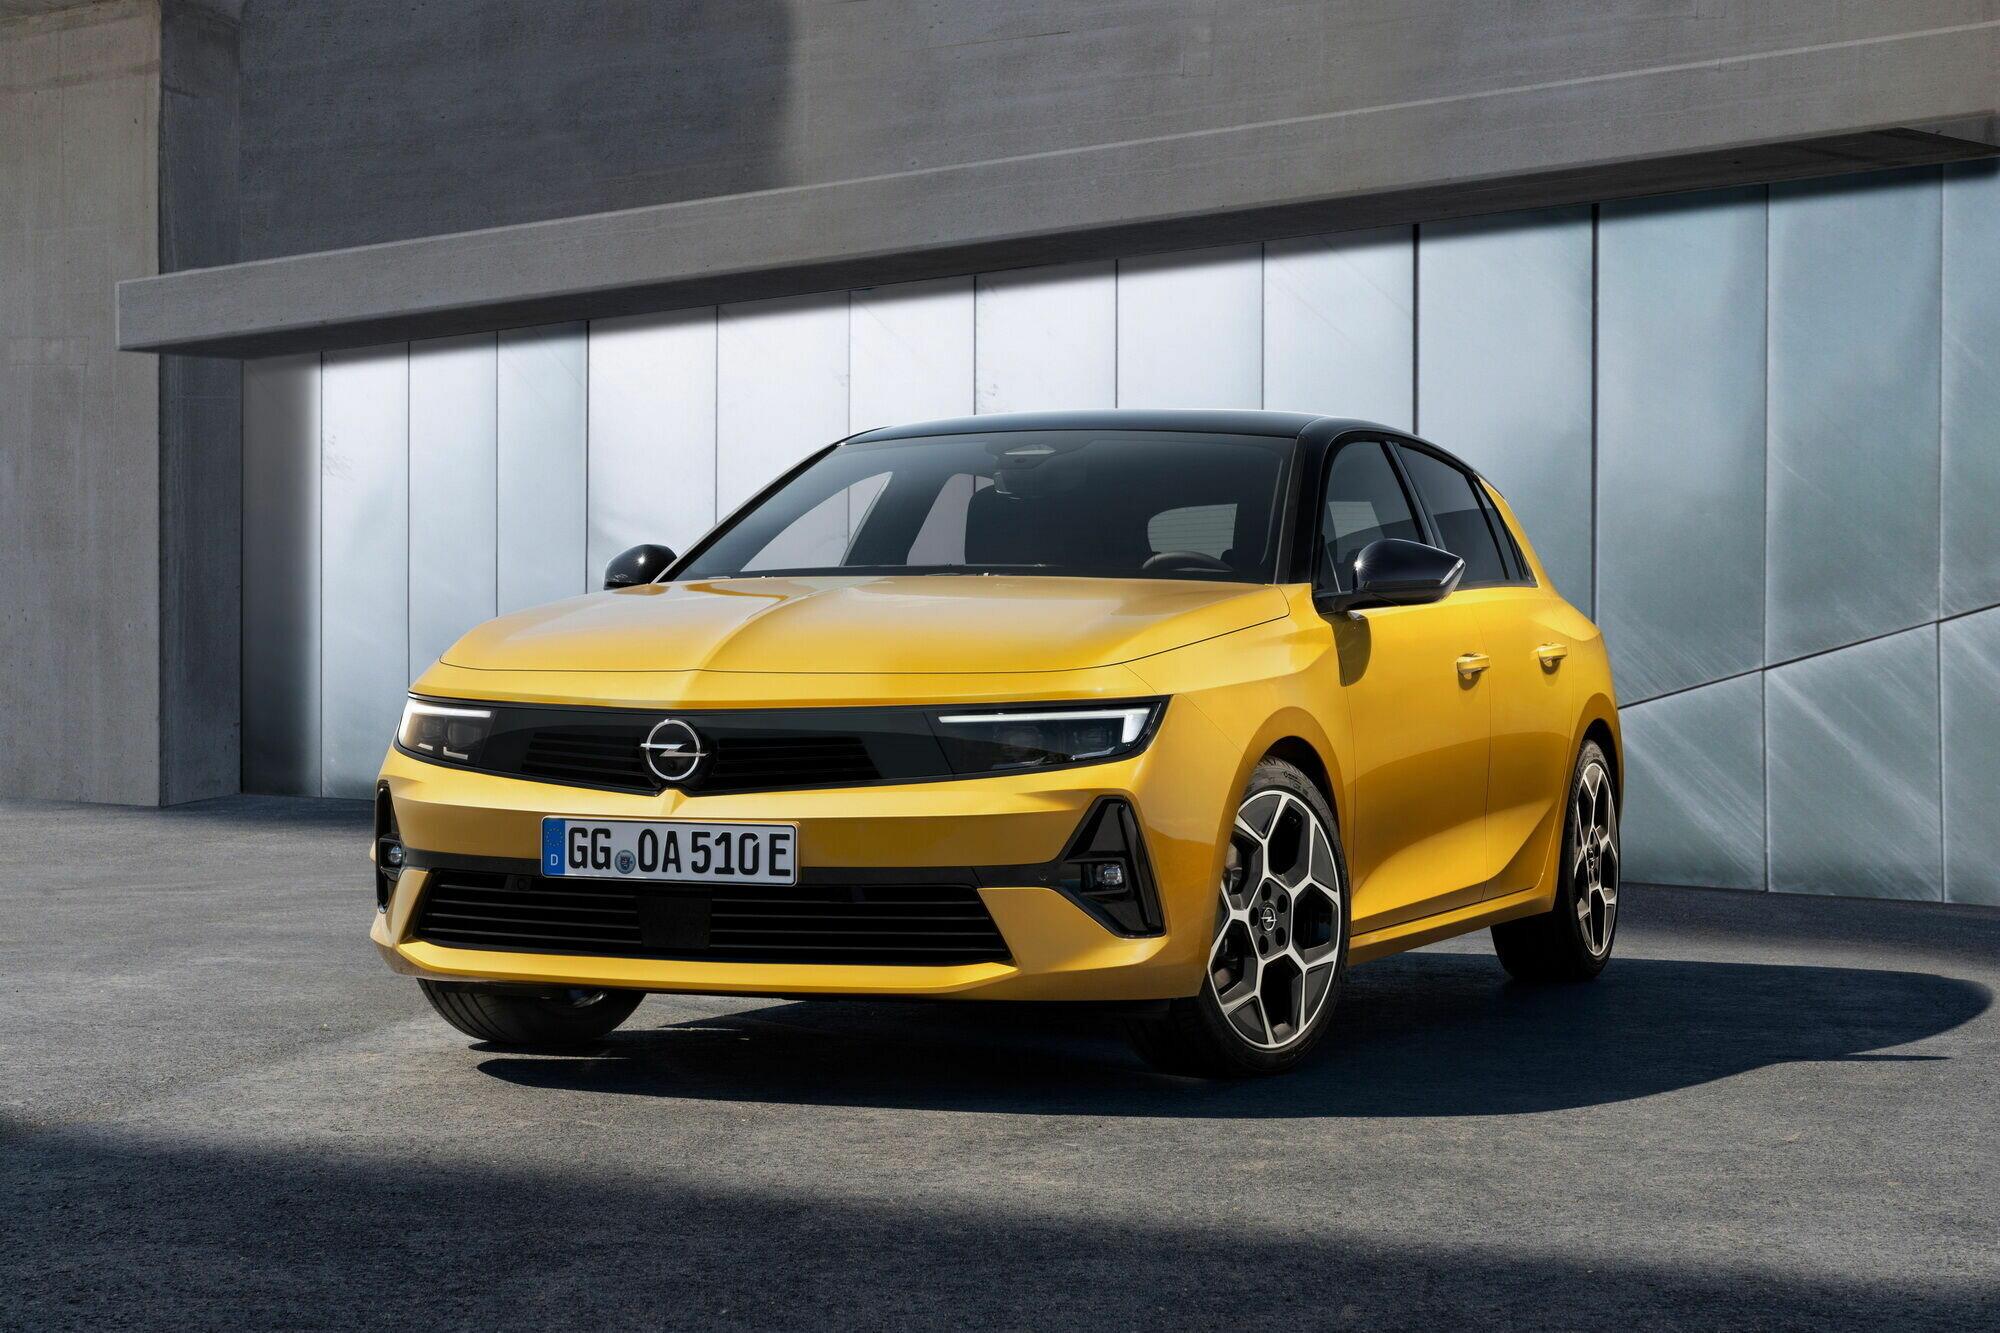 Astra получила привлекательны дизайн в новой стилистике бренда Opel Vizor